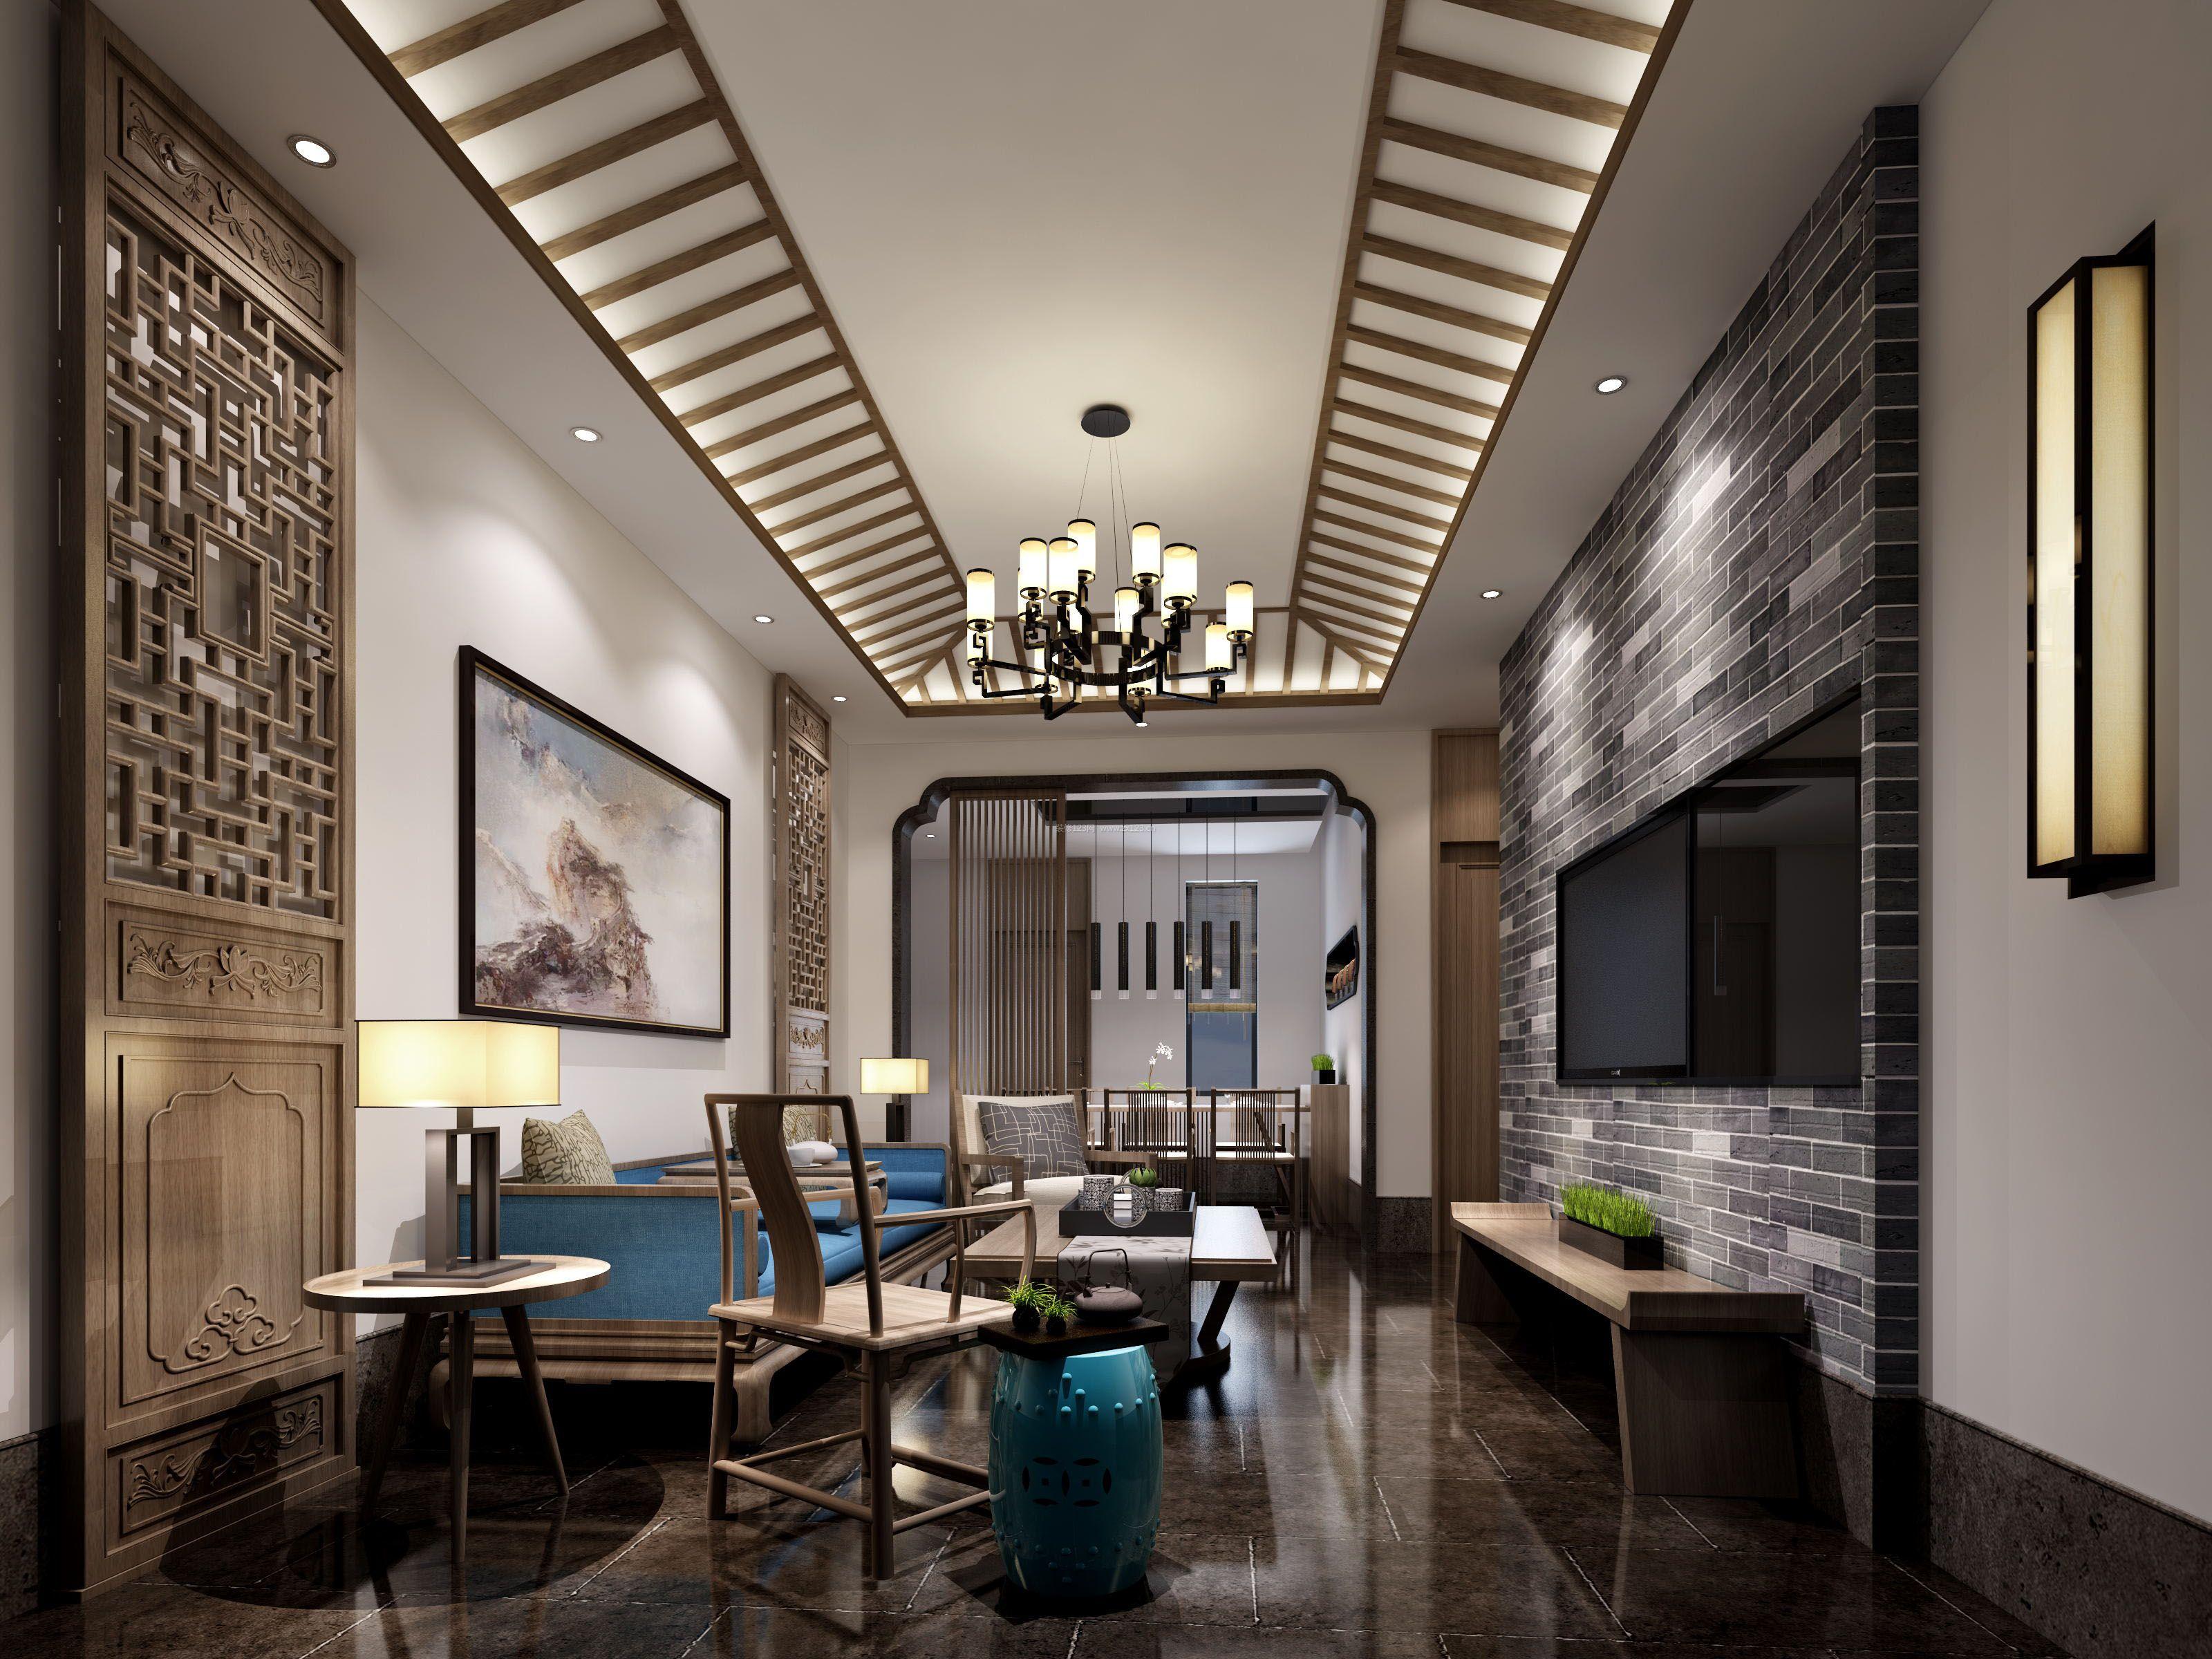 家装效果图 中式 现代中式别墅客厅吊顶装饰效果图片 提供者:   ←